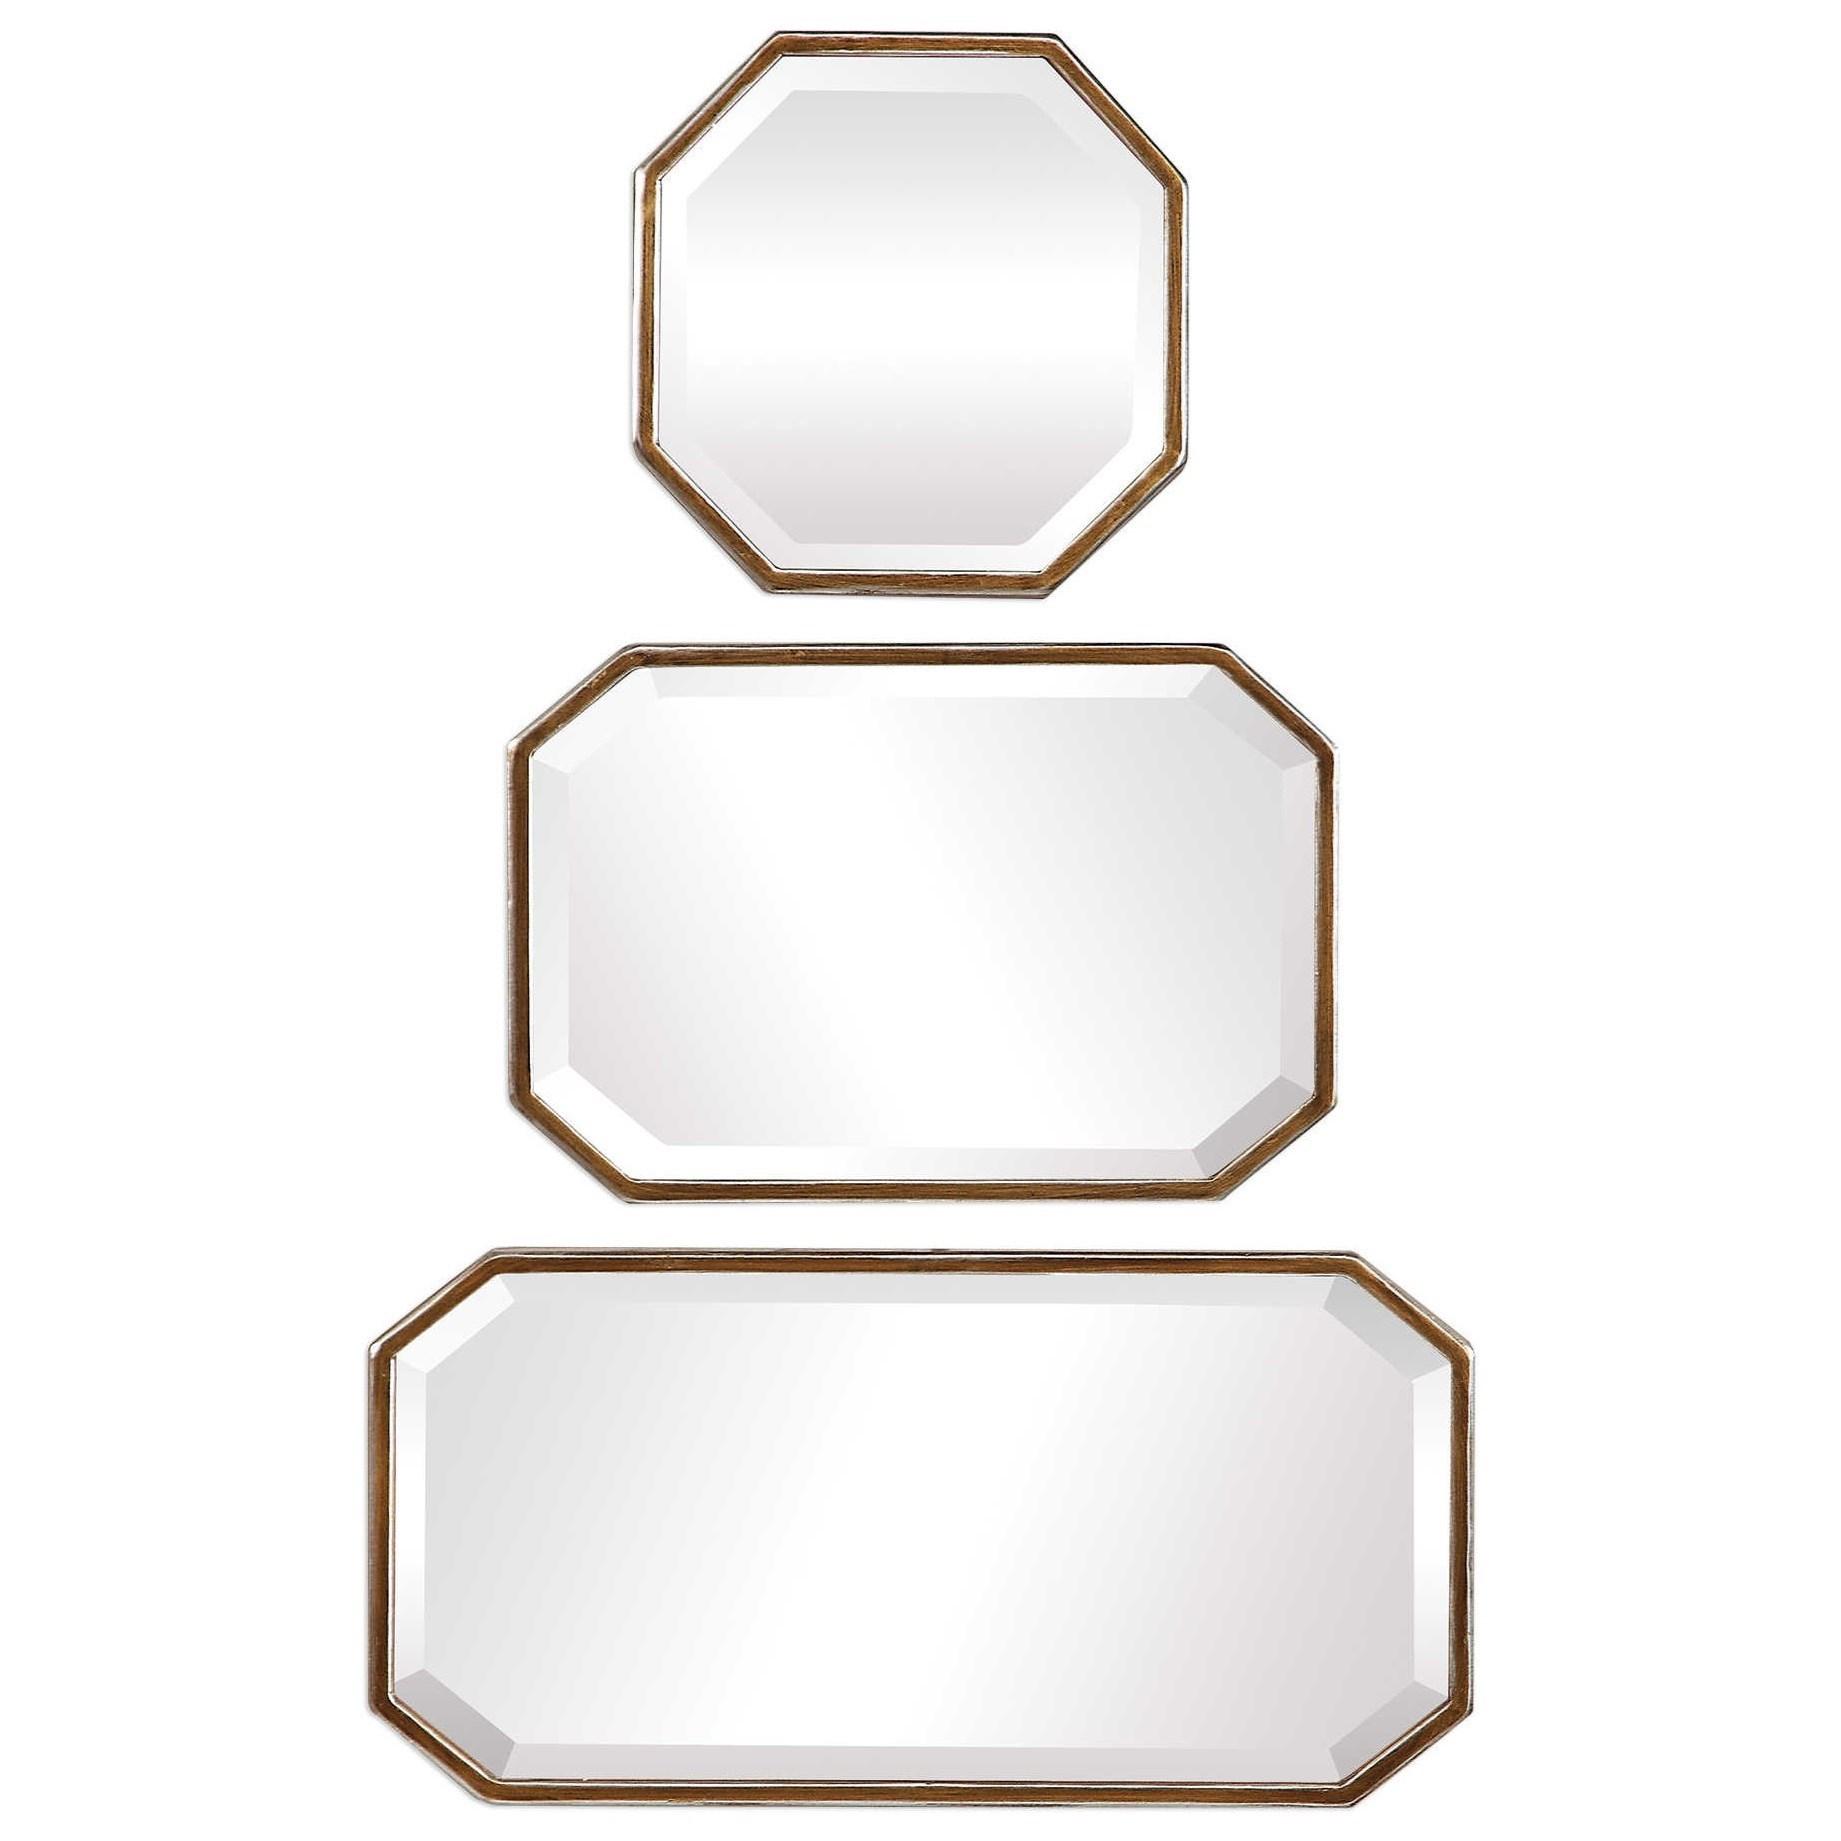 Trois Gold Mirrors (Set of 3)